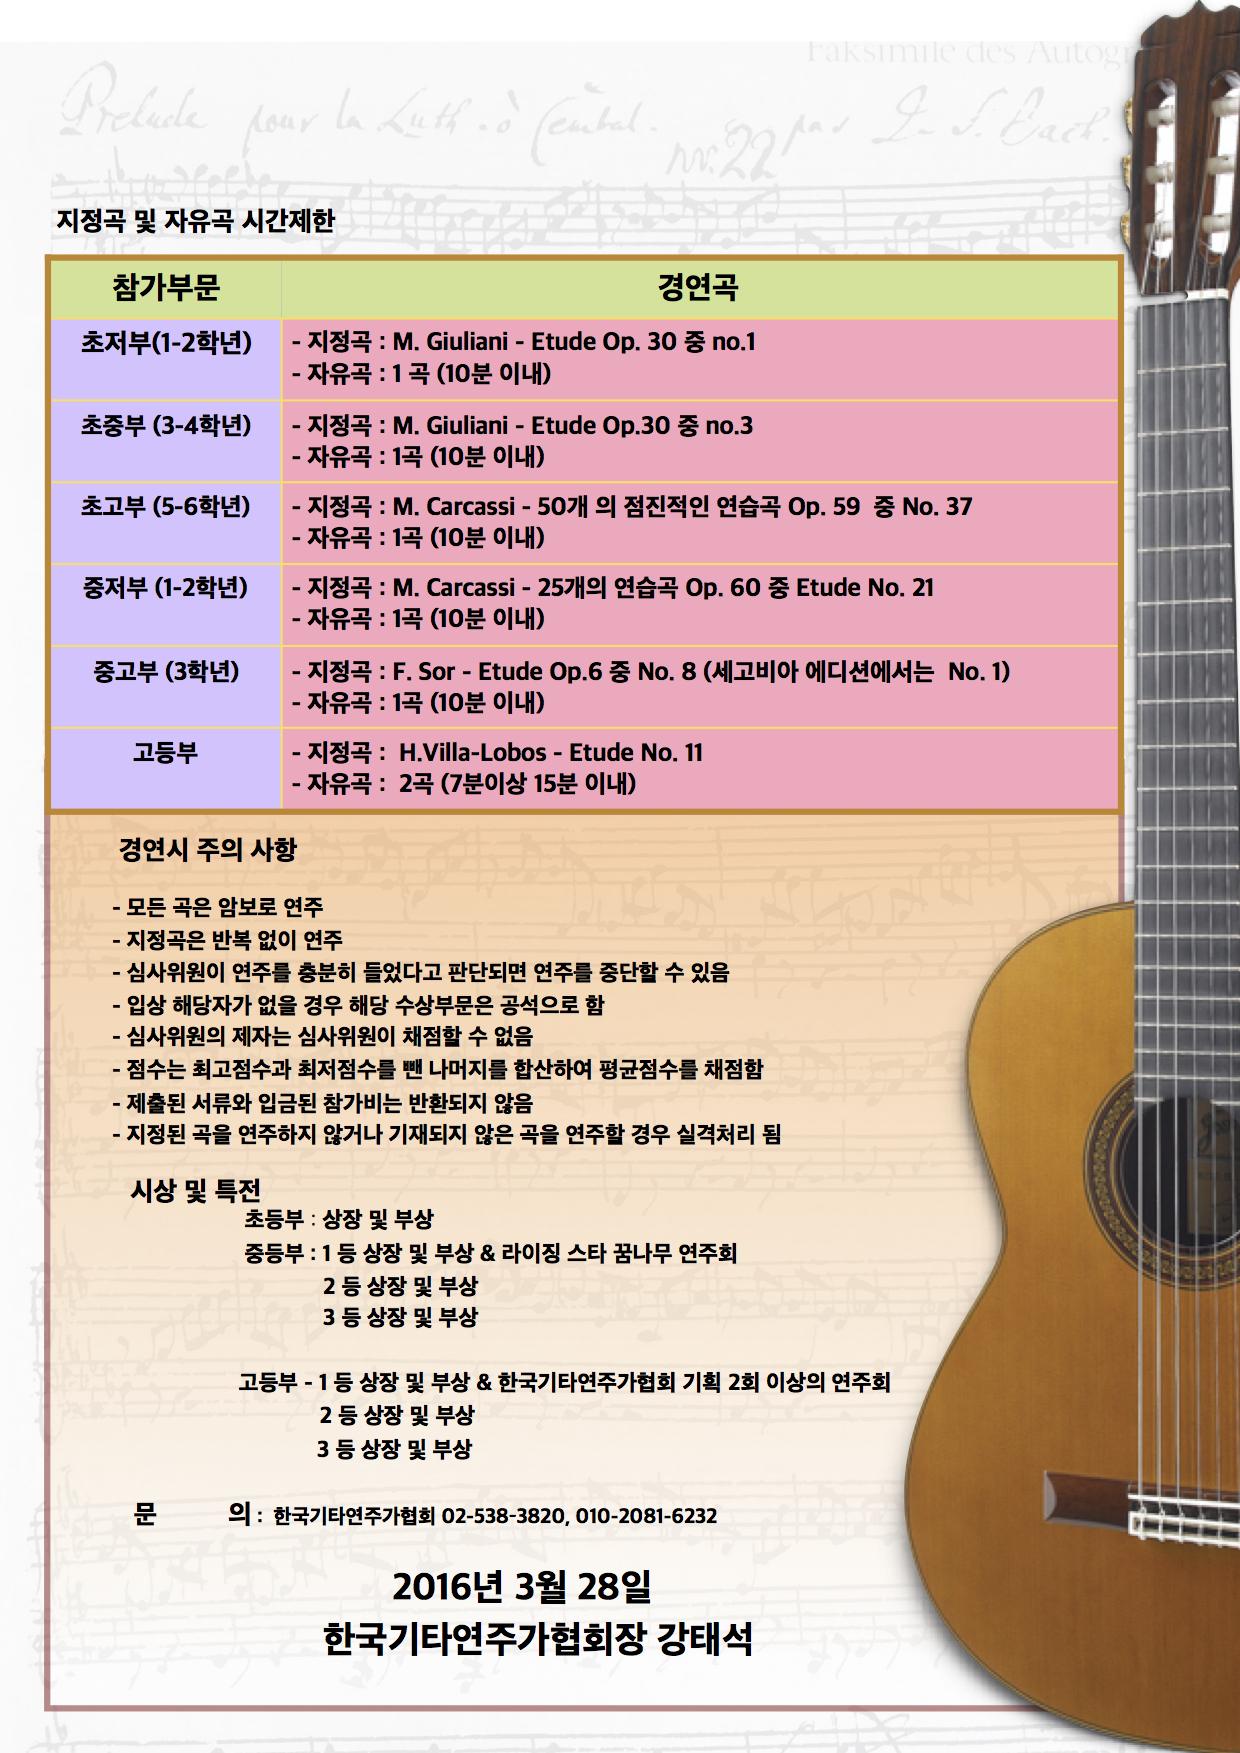 2016 콩쿨요강b.png